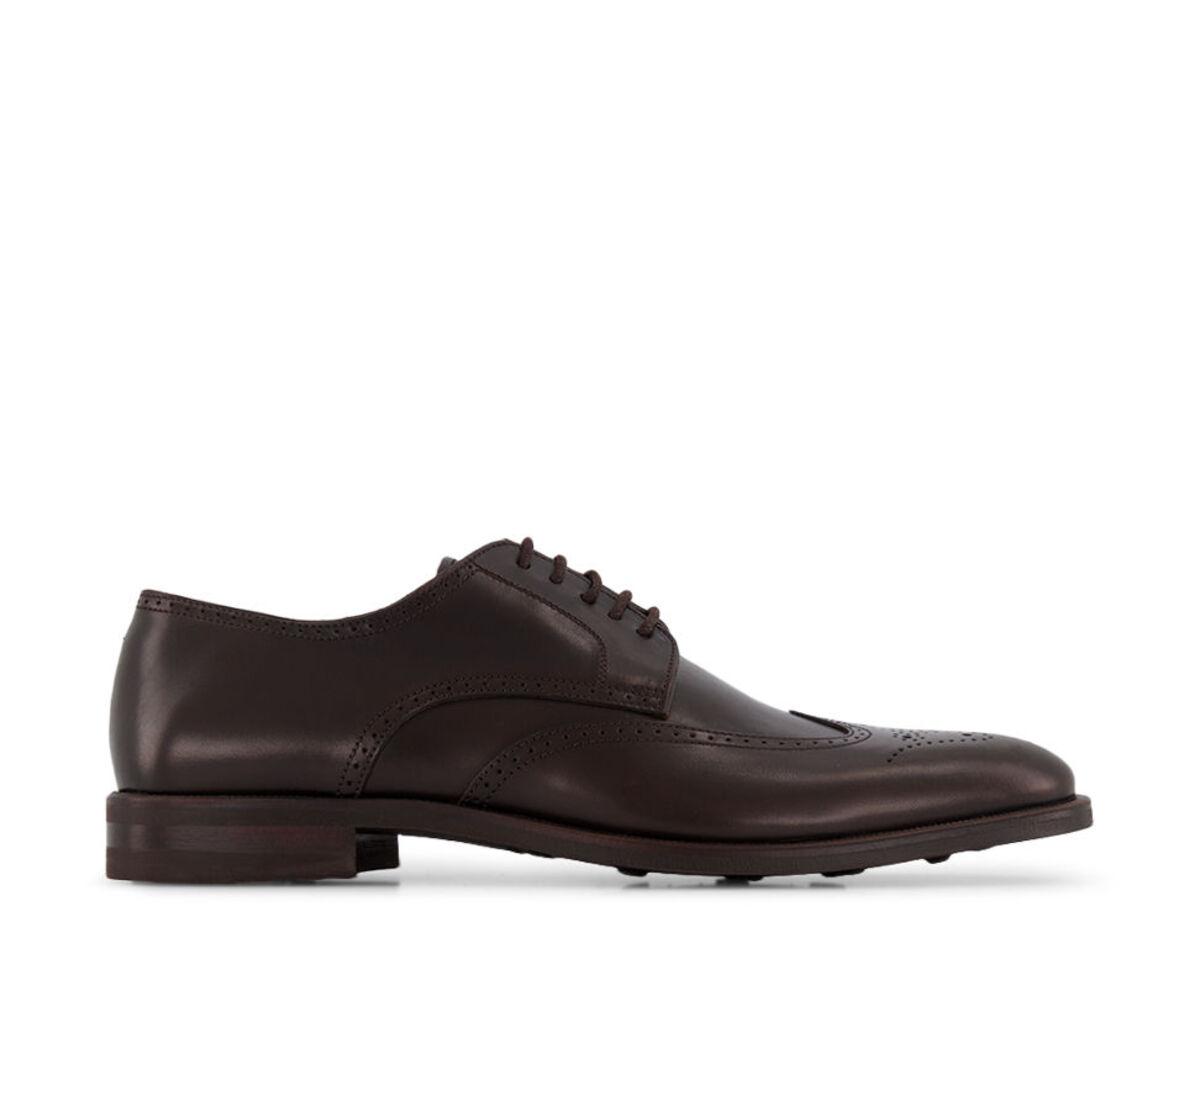 Bild 2 von Mathew & Son Business-Schuh